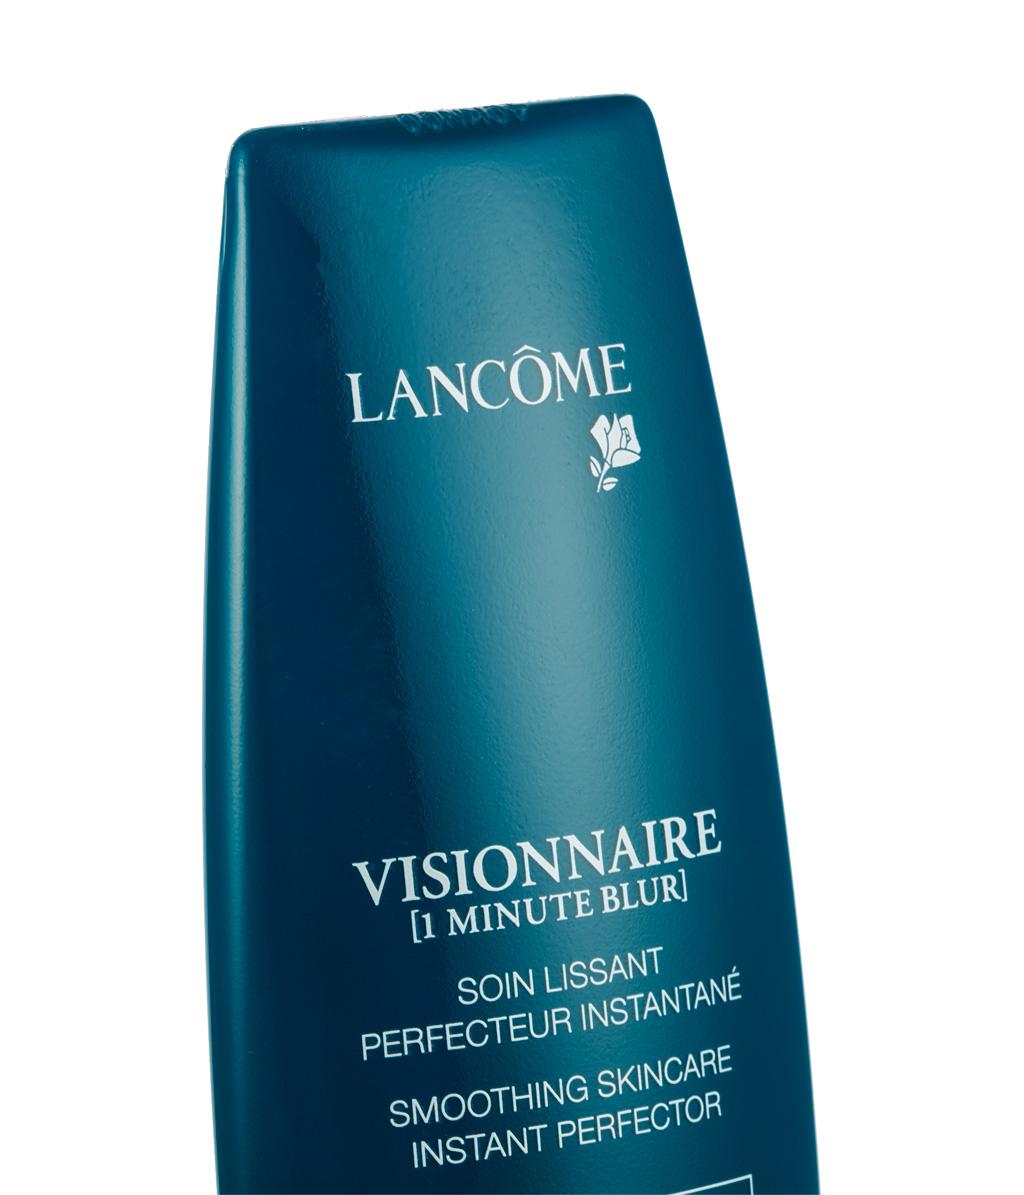 lancome-visionnaire-1-minute-blur-gesichtsserum-detail